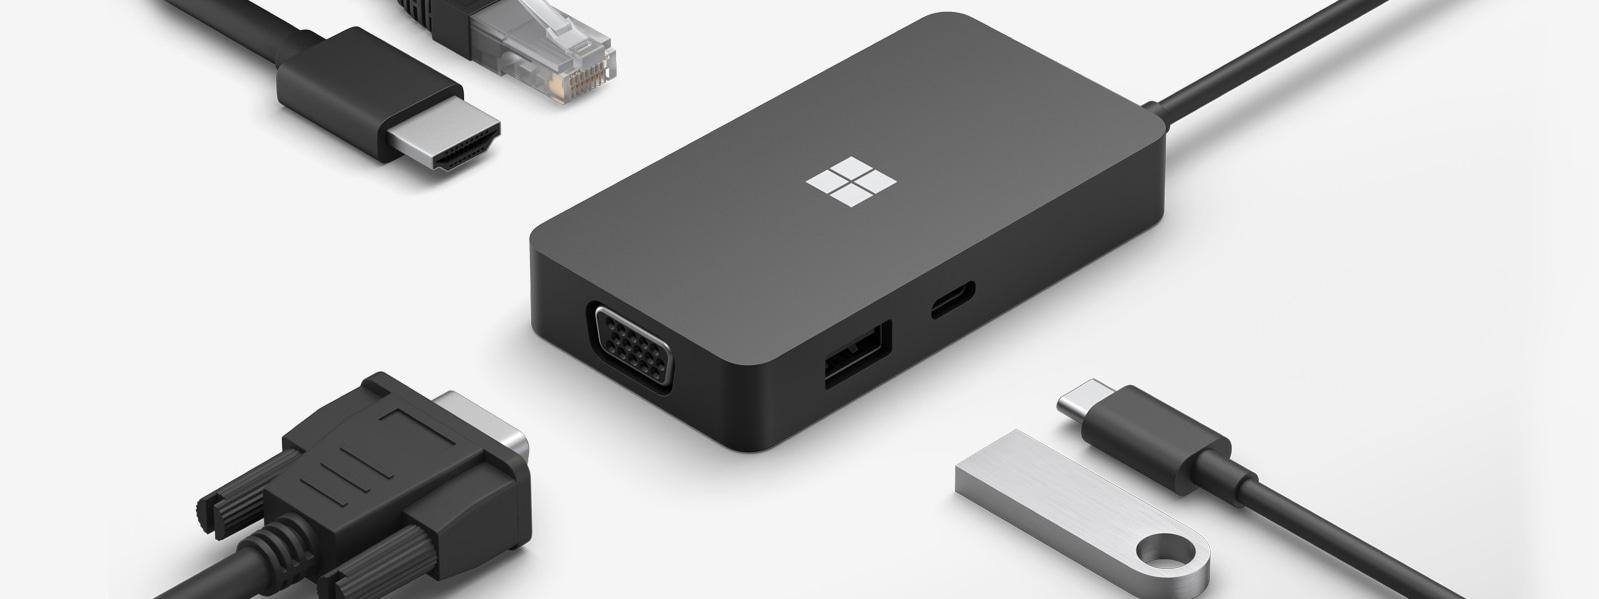 Microsoft USB-C Travel Hub có nhiều đầu nối với cáp xung quanh các cổng